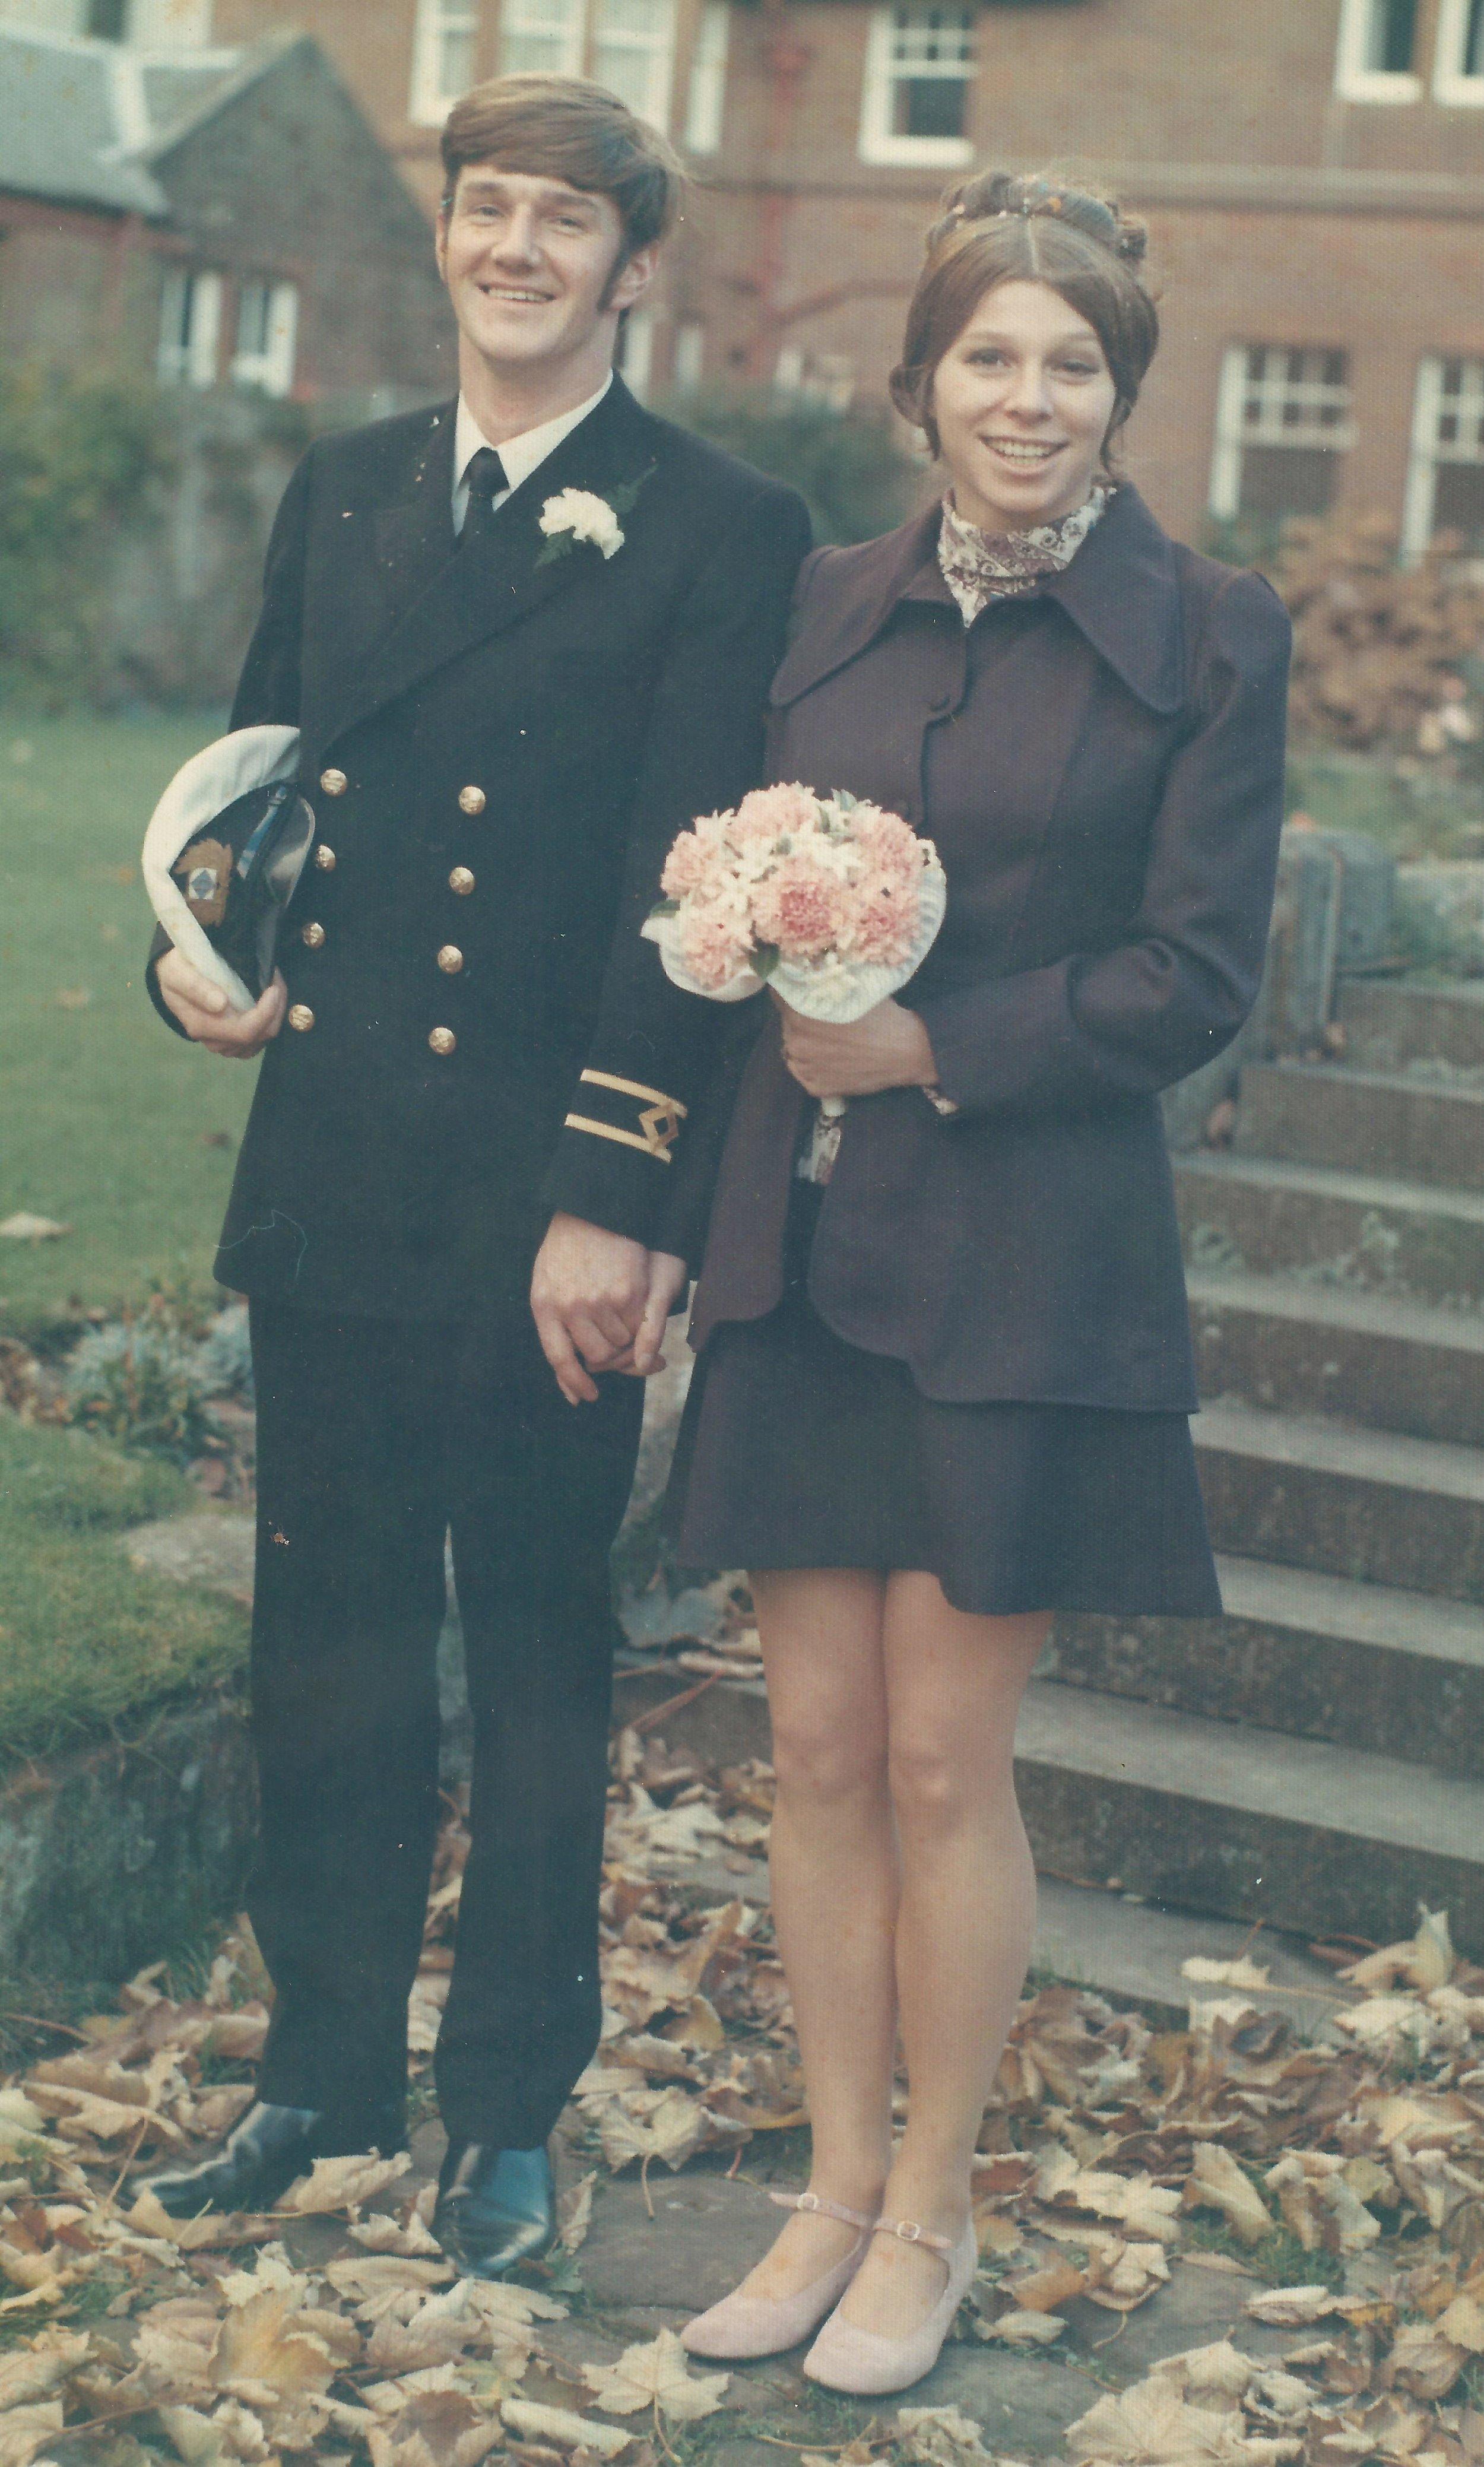 The newlyweds. Photo: Turus Mara